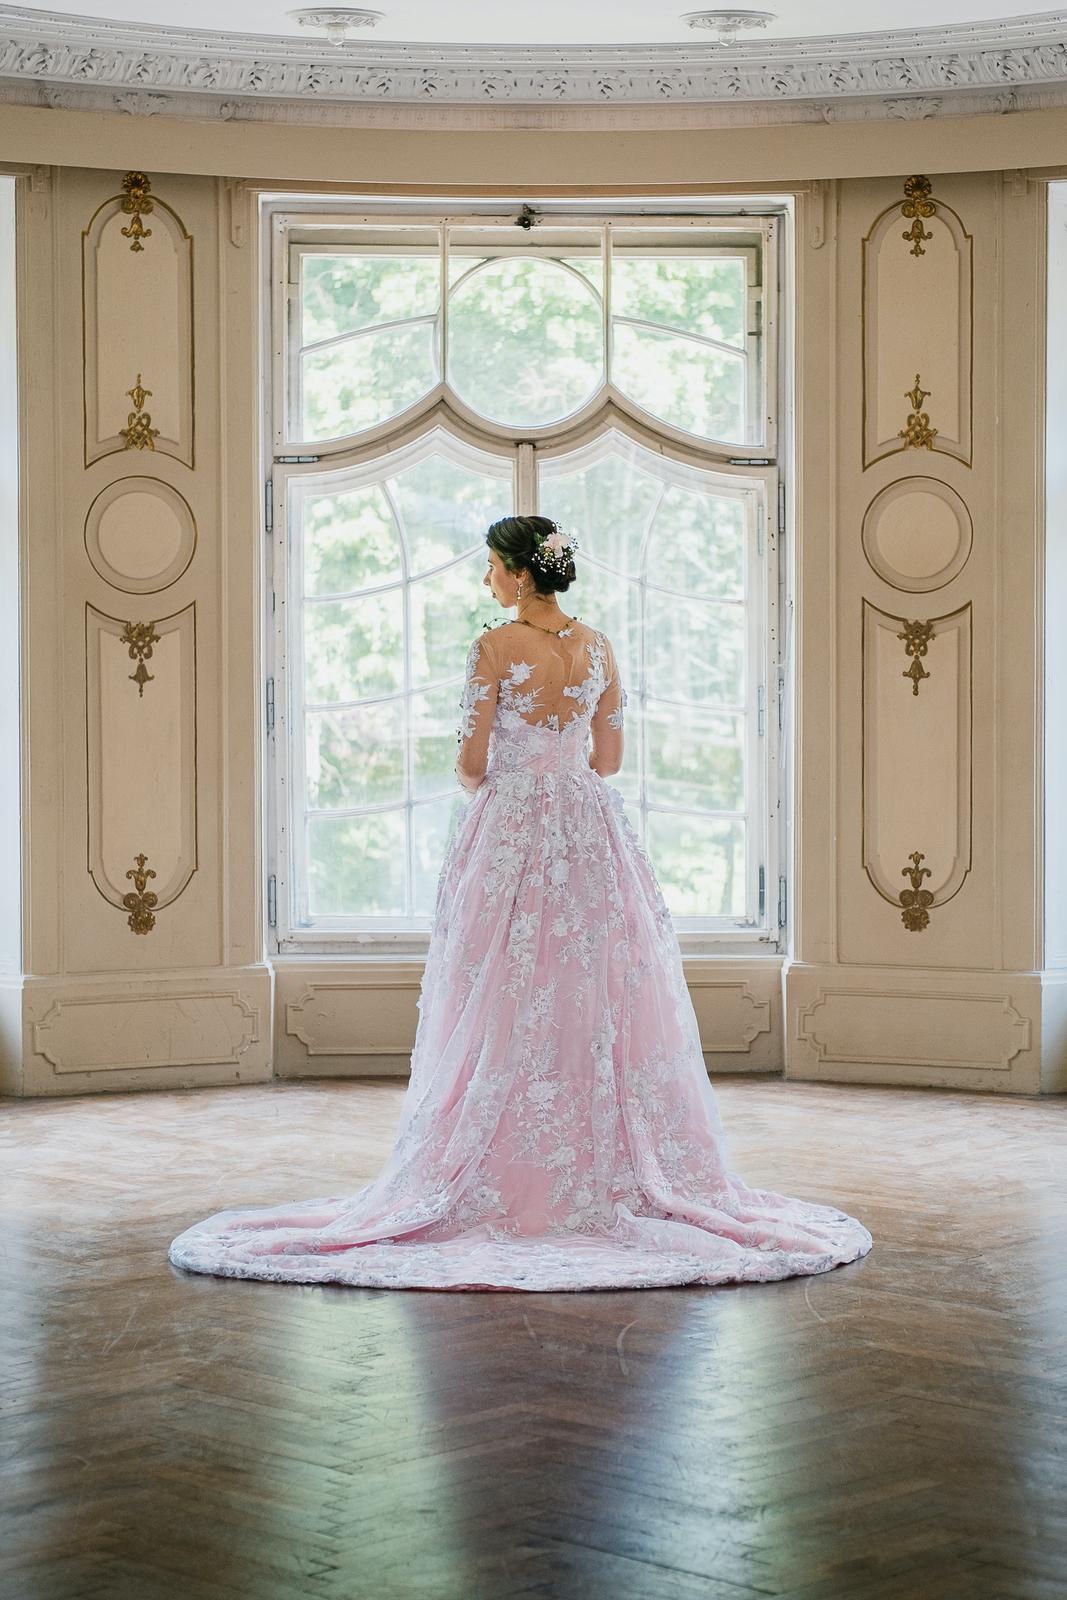 Růžové krajkové svatební šaty s vlečkou (3D bílá krajka) - Obrázek č. 1